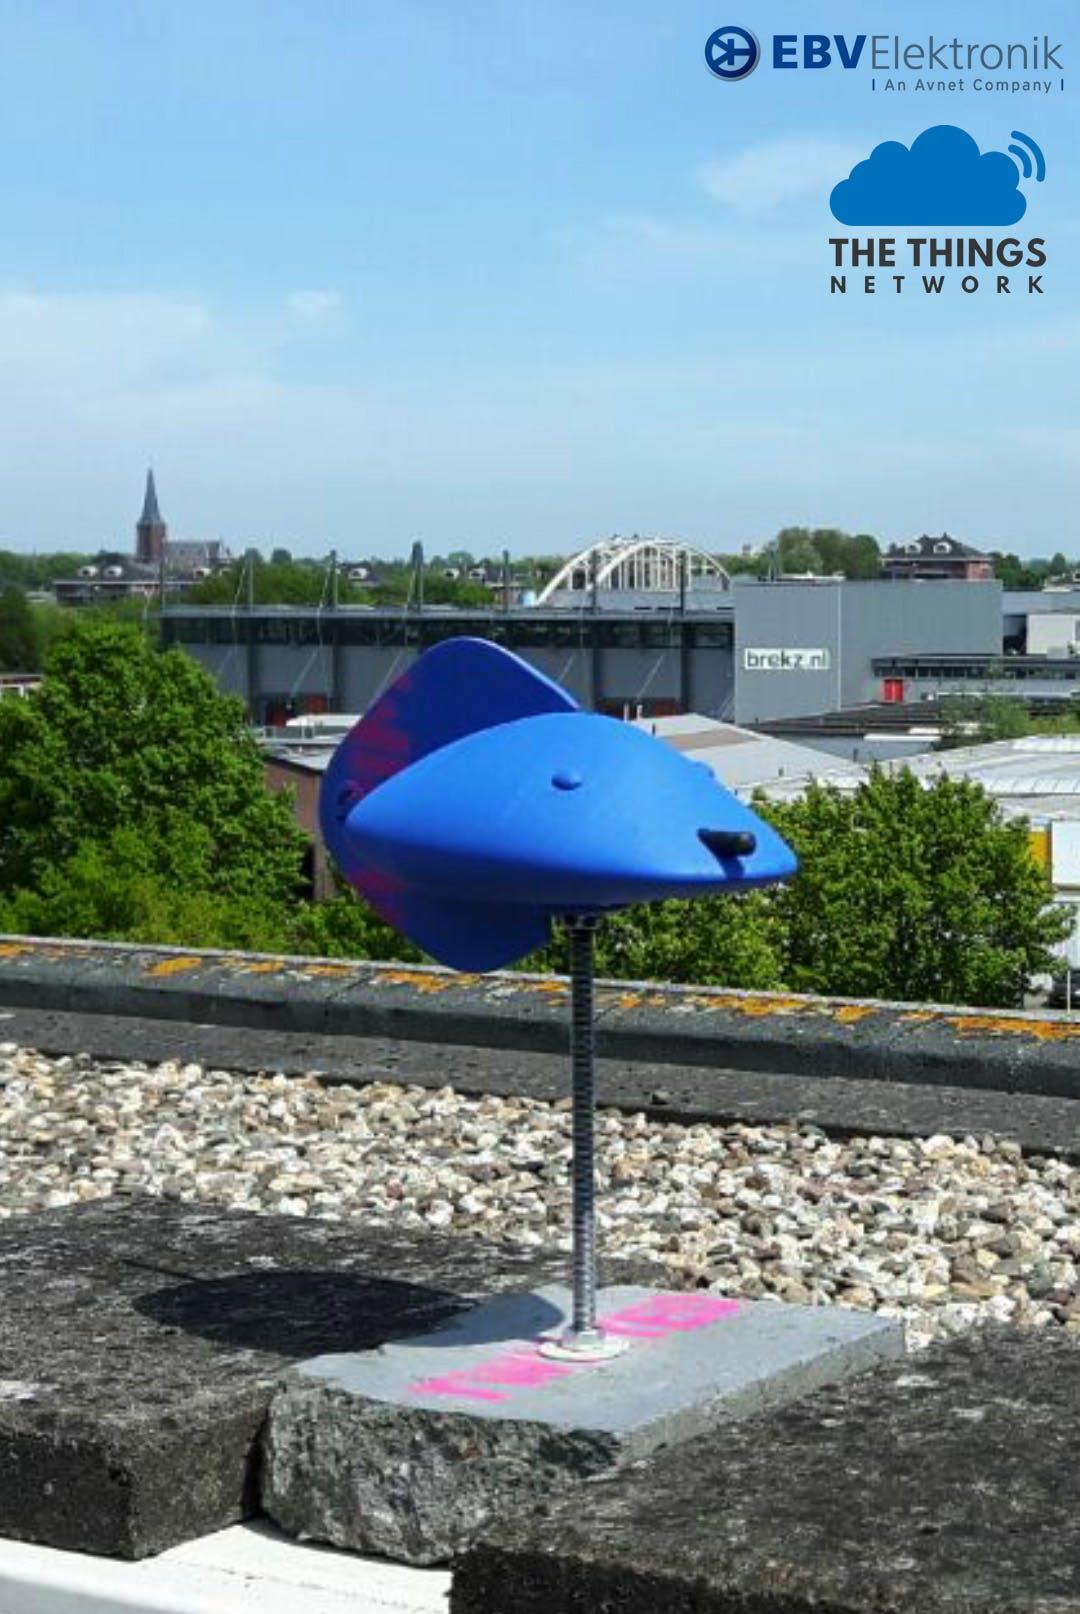 WindVane V2 on top of building